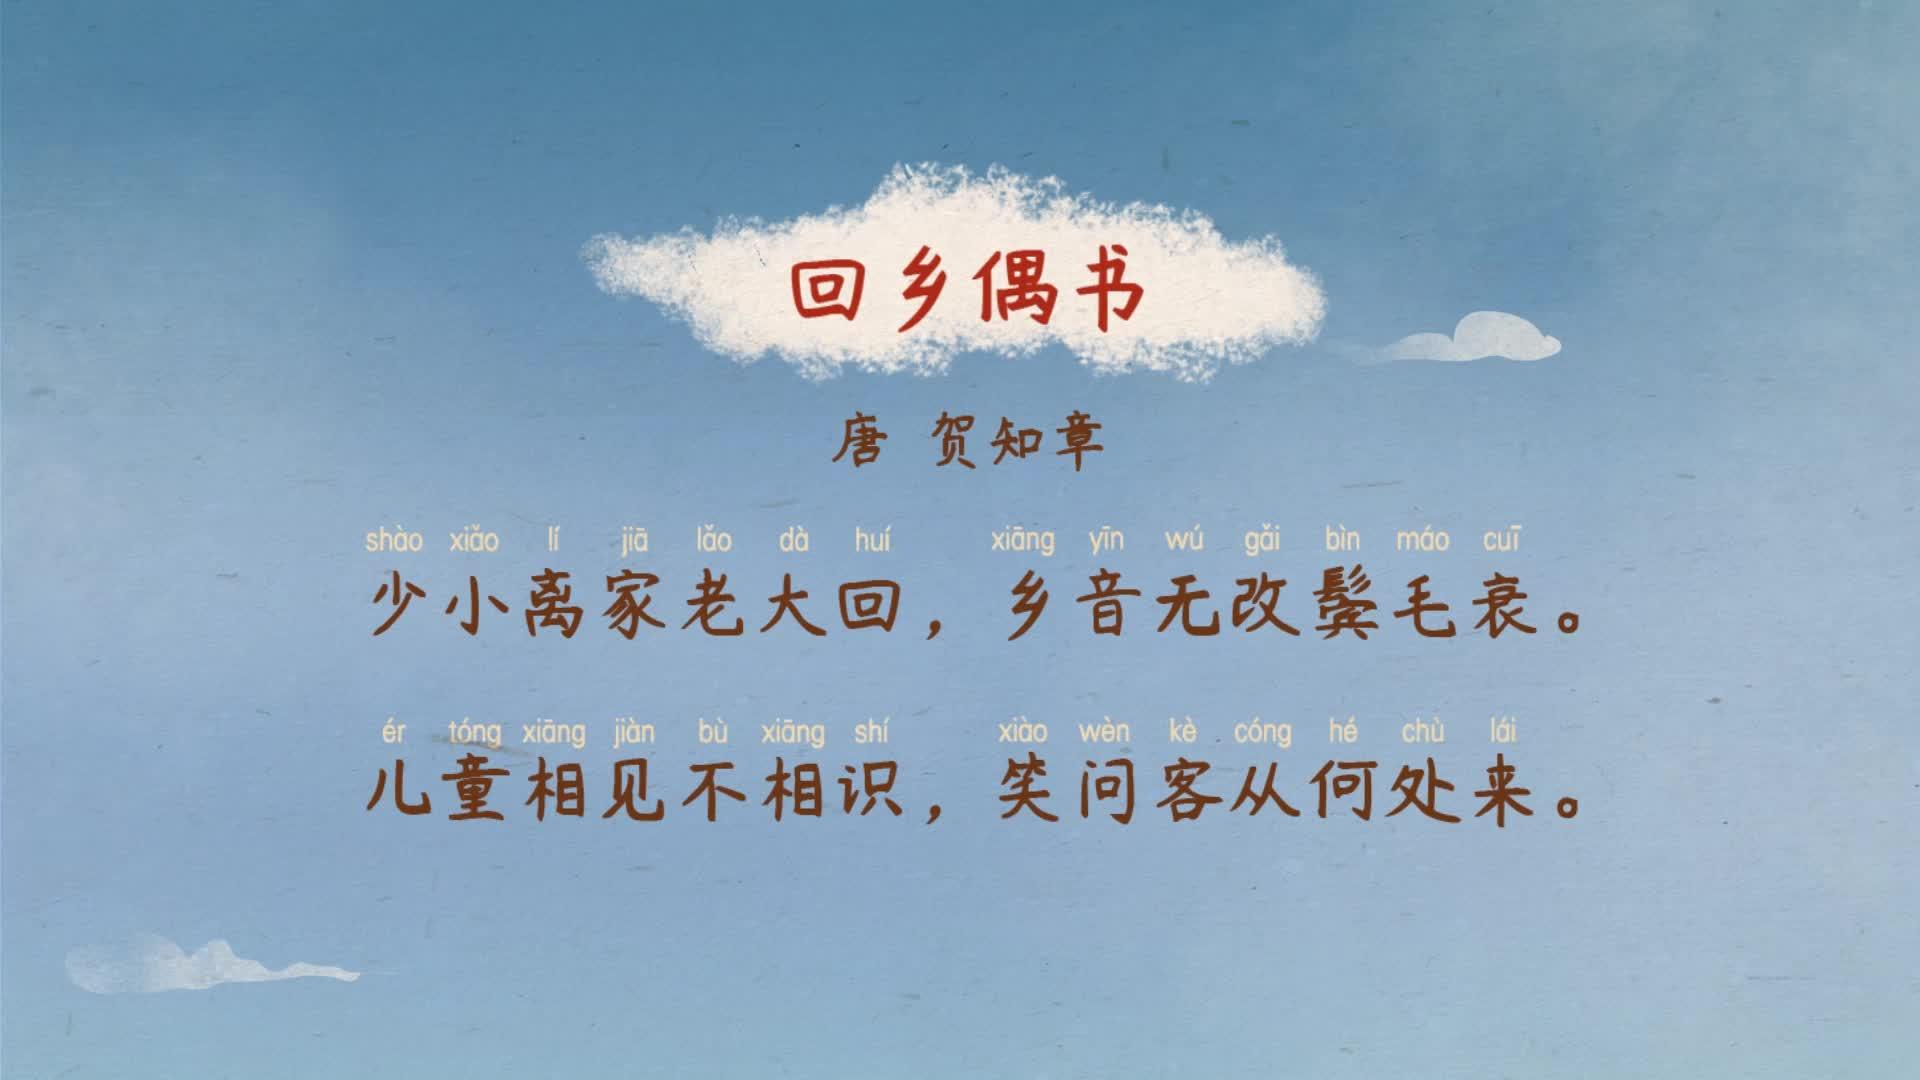 《小学古诗》85回乡偶书-唐 贺知章